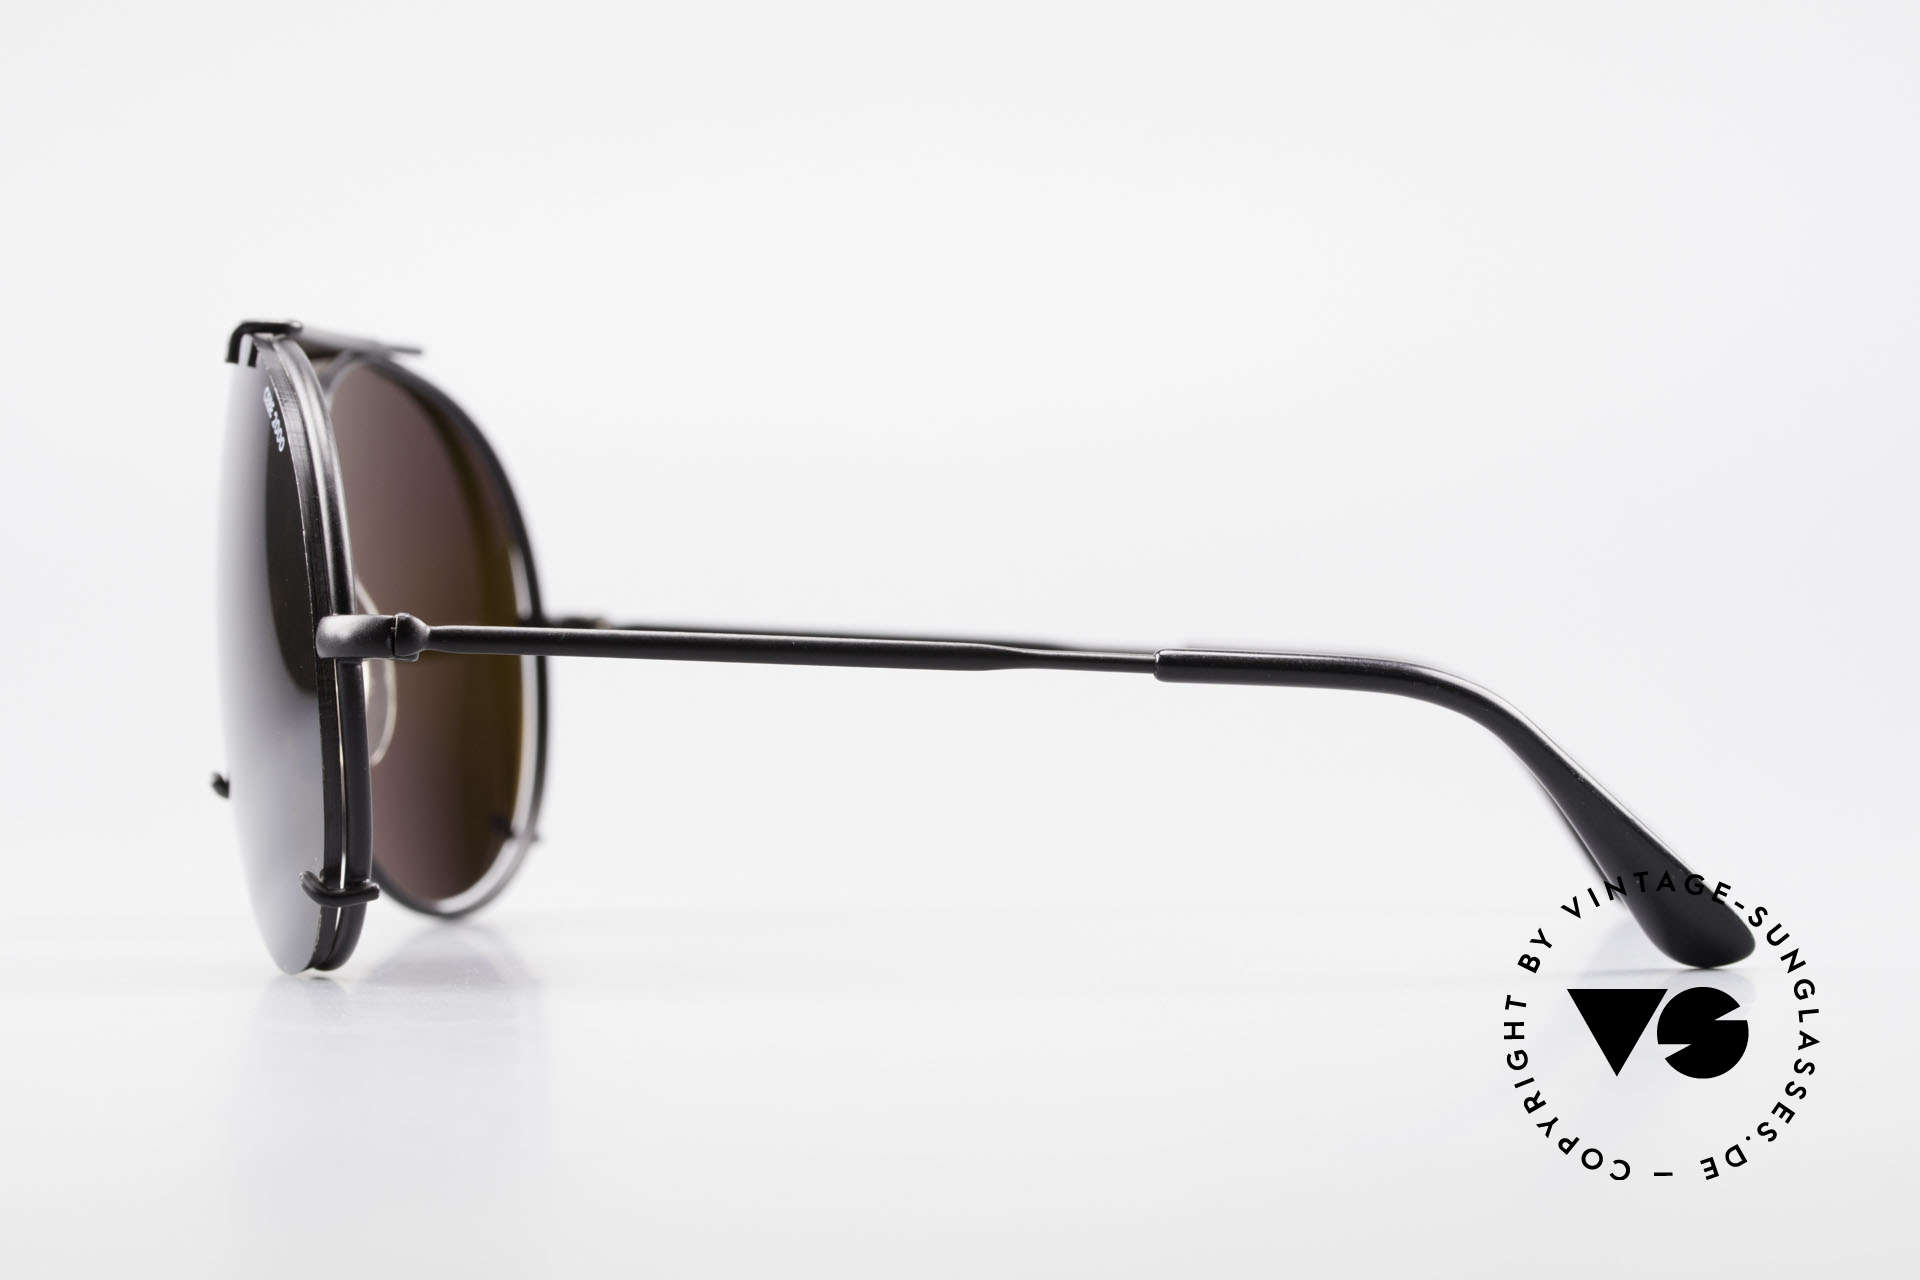 Cebe 2000 Vintage Rallye Sportbrille, ungetragen (wie alle unsere vintage CEBE Sonnenbrillen), Passend für Herren